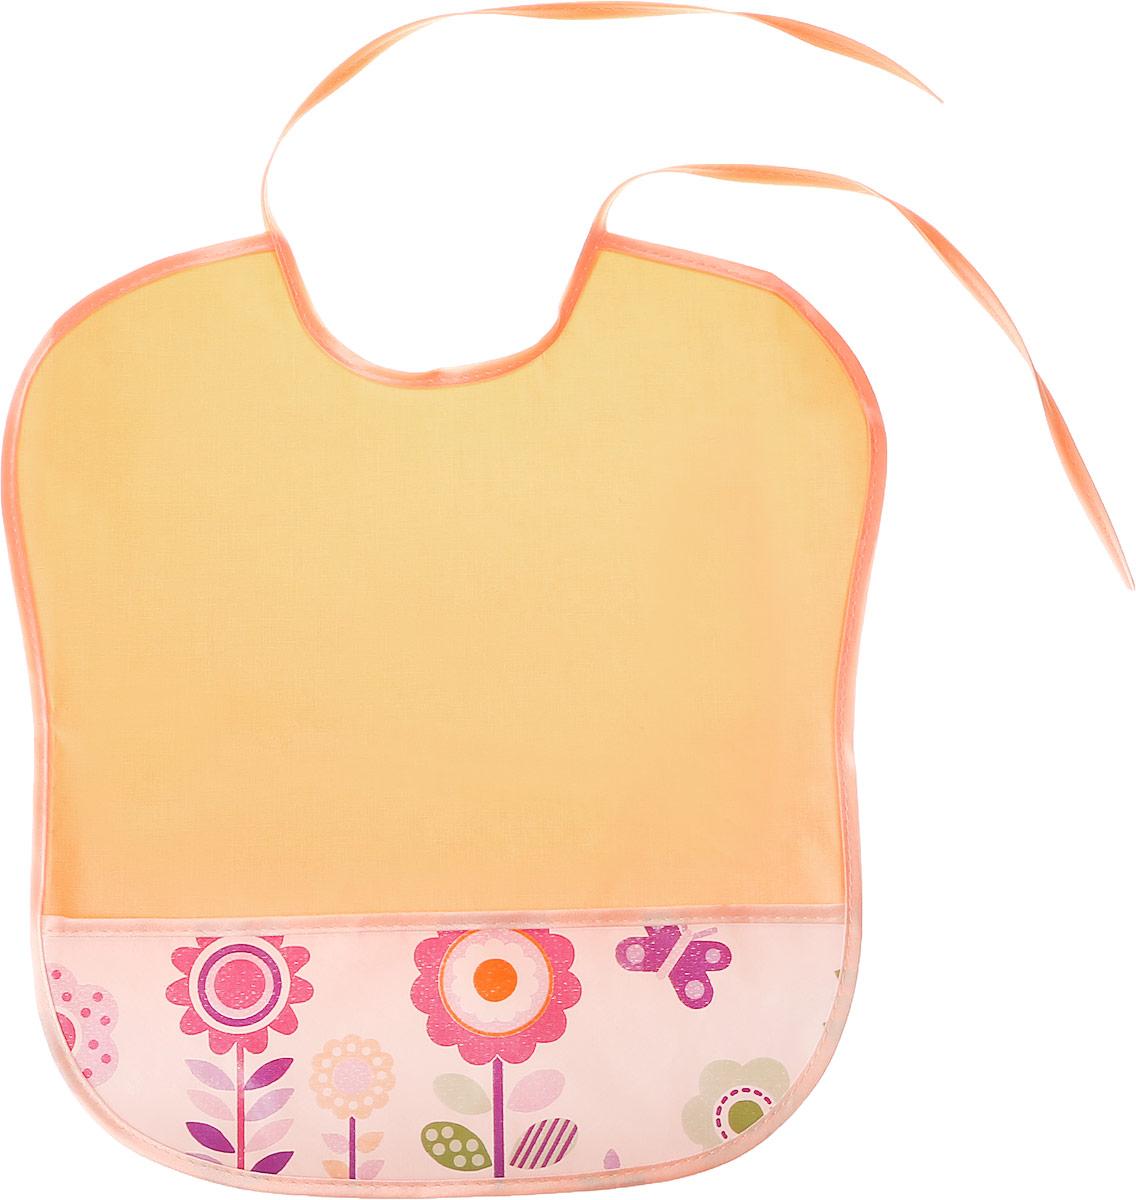 Колорит Нагрудник с карманом Цветы цвет оранжевый 33 см х 33 см0083_оранжевый, цветыНагрудник Колорит Цветы с непромокаемым слоем защитит одежду малыша во время кормления и освободит родителей от дополнительных хлопот. Нагрудник изготовлен из клеенки подкладной с ПВХ покрытием и дополнен широким карманом. Яркая расцветка и оригинальный рисунок непременно понравятся вашему малышу. Нагрудник предназначен для многоразового использования, не промокает, предохраняет от загрязнений во время кормления. Нагрудник на завязках - выбор практичных мамочек, пользоваться таким слюнявчиком можно более длительное время. Пока ваш малыш растет, благодаря завязкам вы сможете легко контролировать длину изделия и регулировать размер горловины.